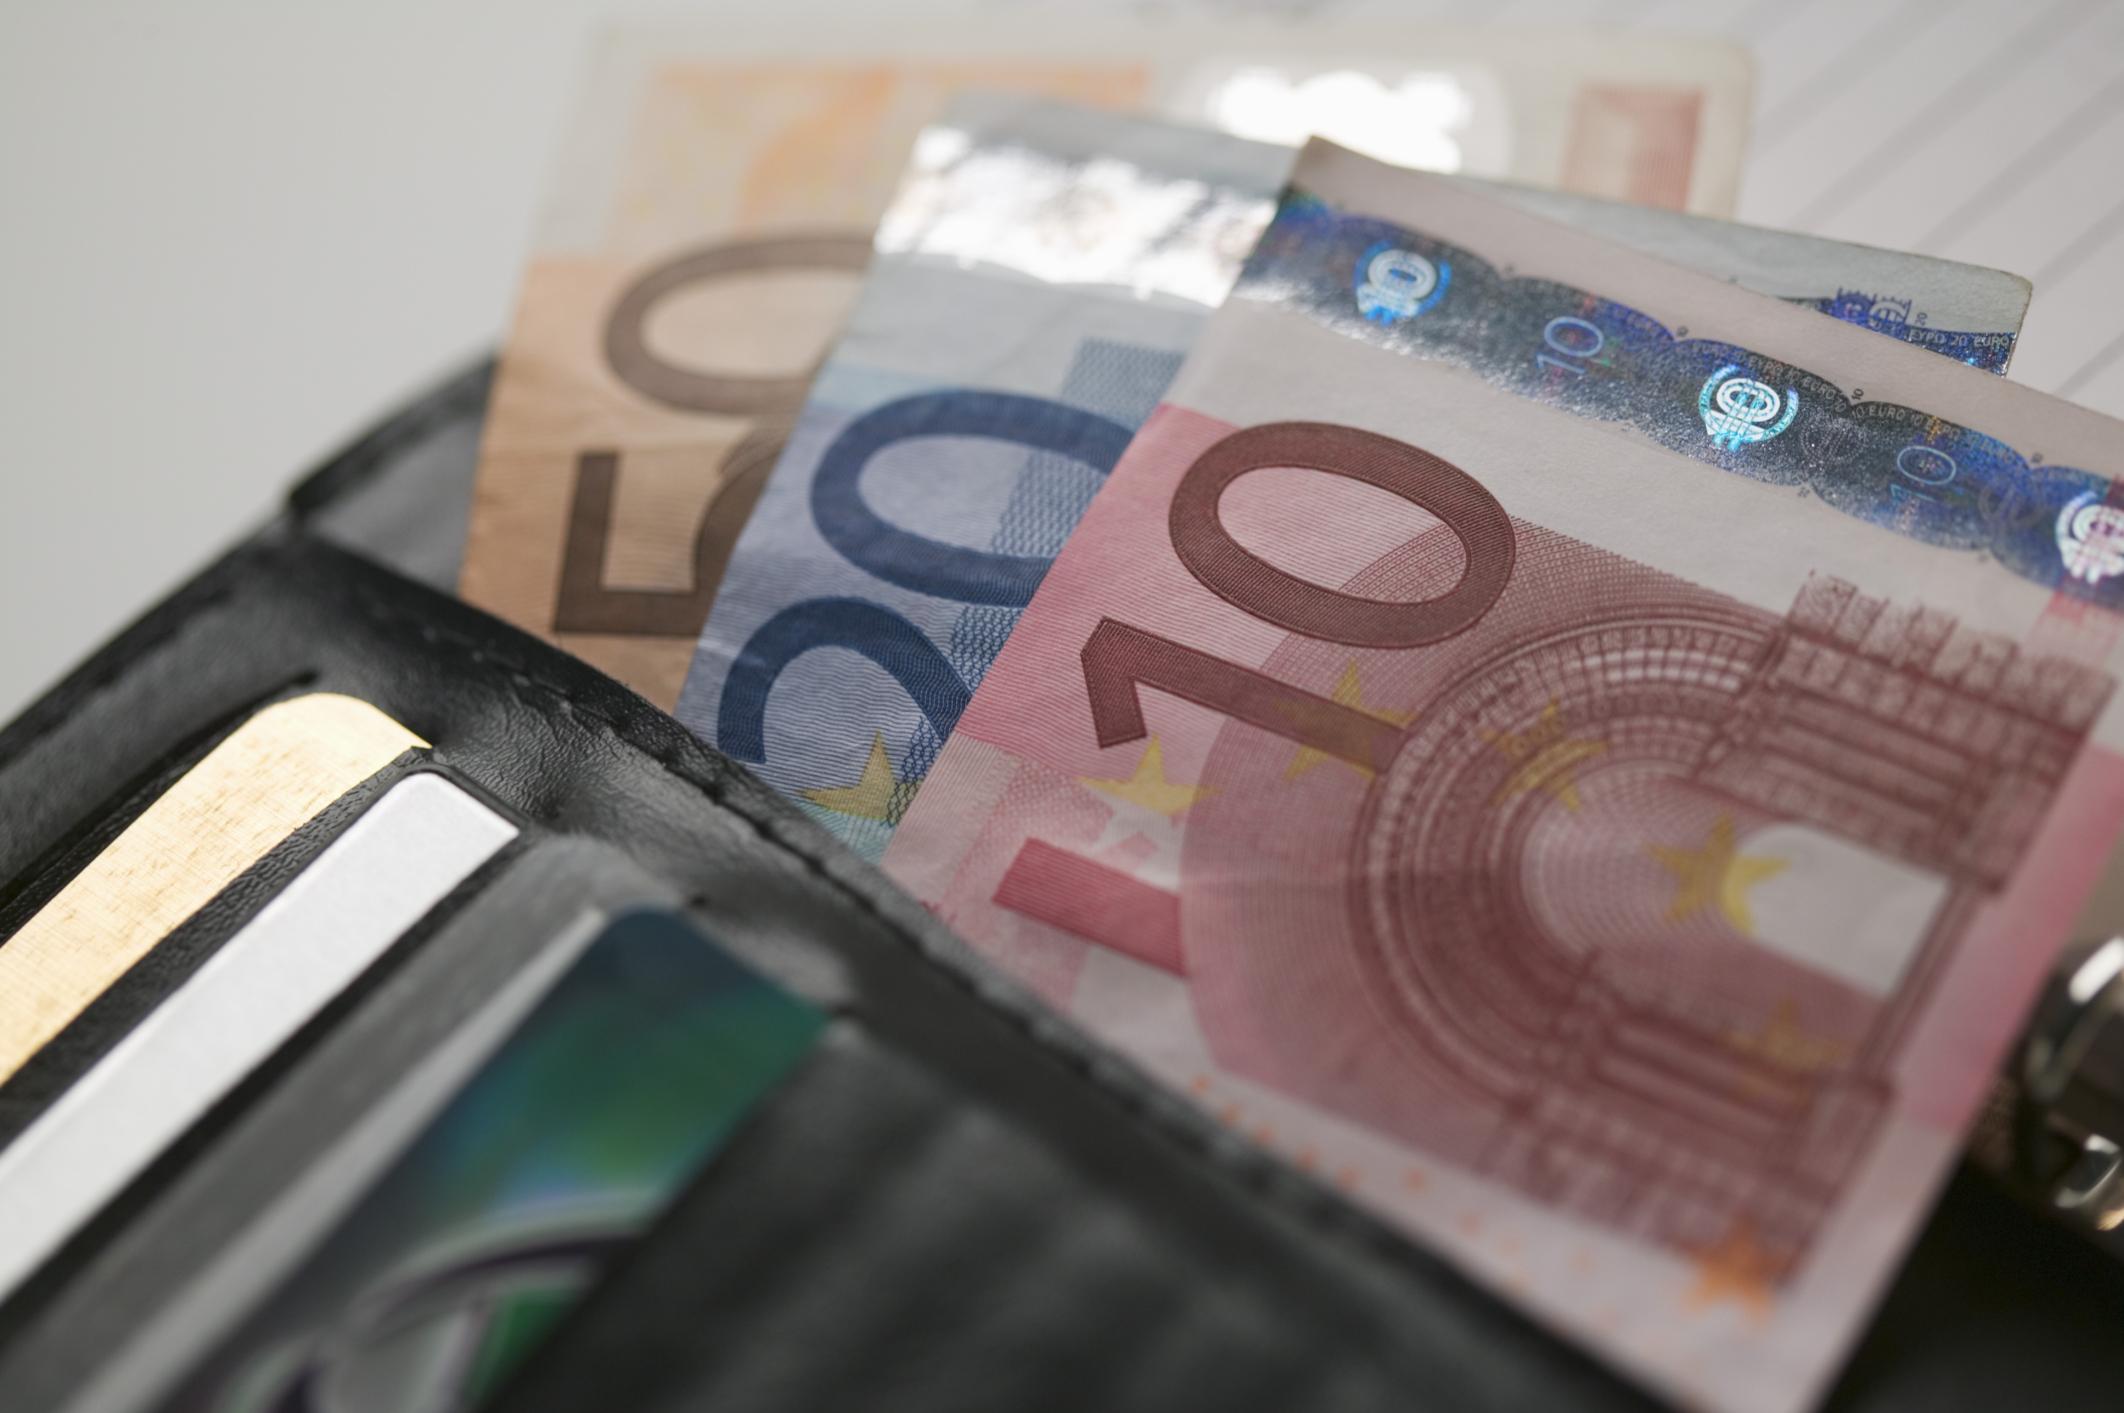 Αποτέλεσμα εικόνας για Επιστροφή χρημάτων σε συνταξιούχους